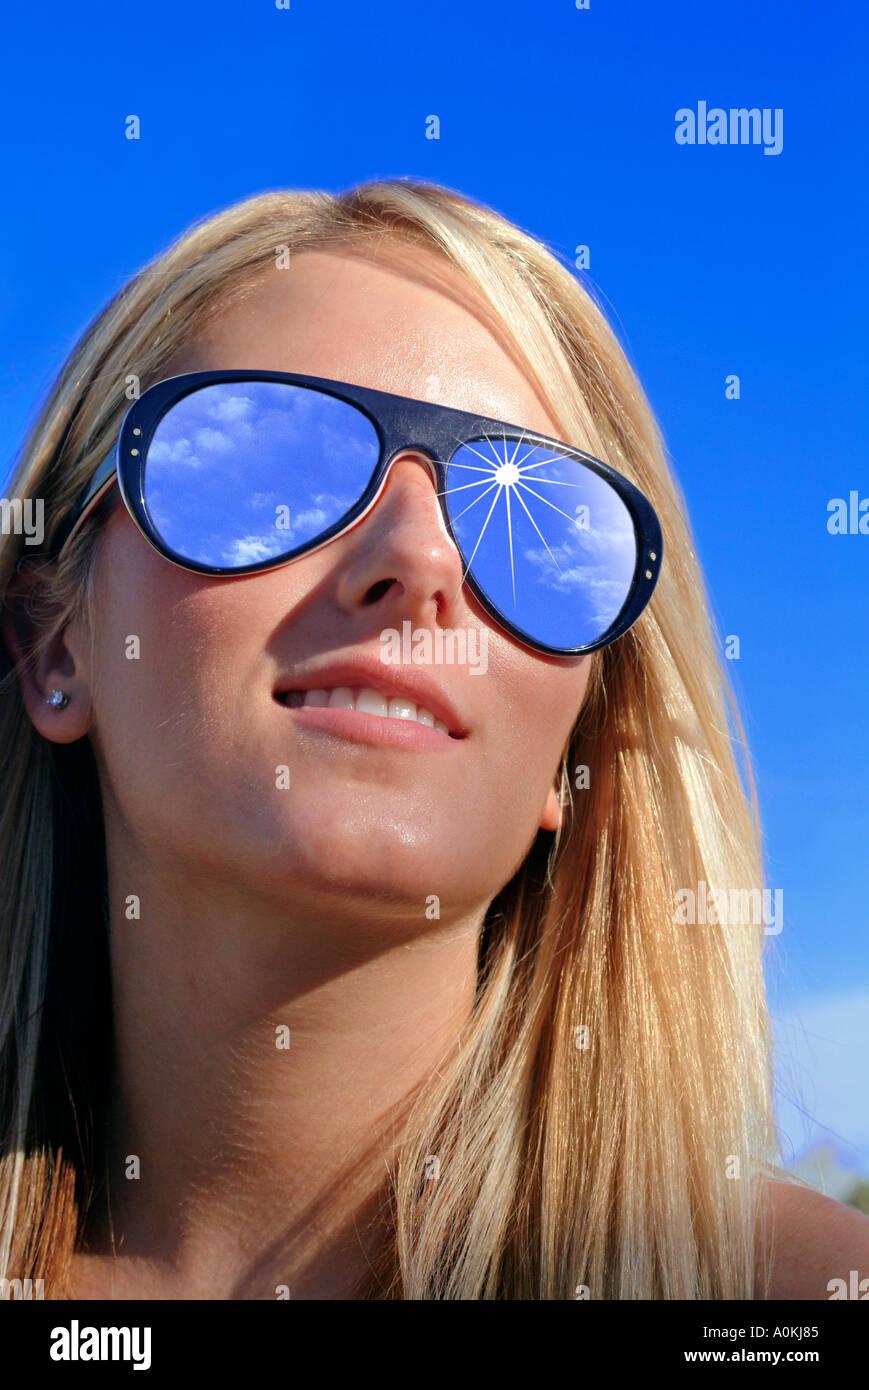 60754ec337 Giovane donna bionda con occhiali da sole riflettente Foto ...